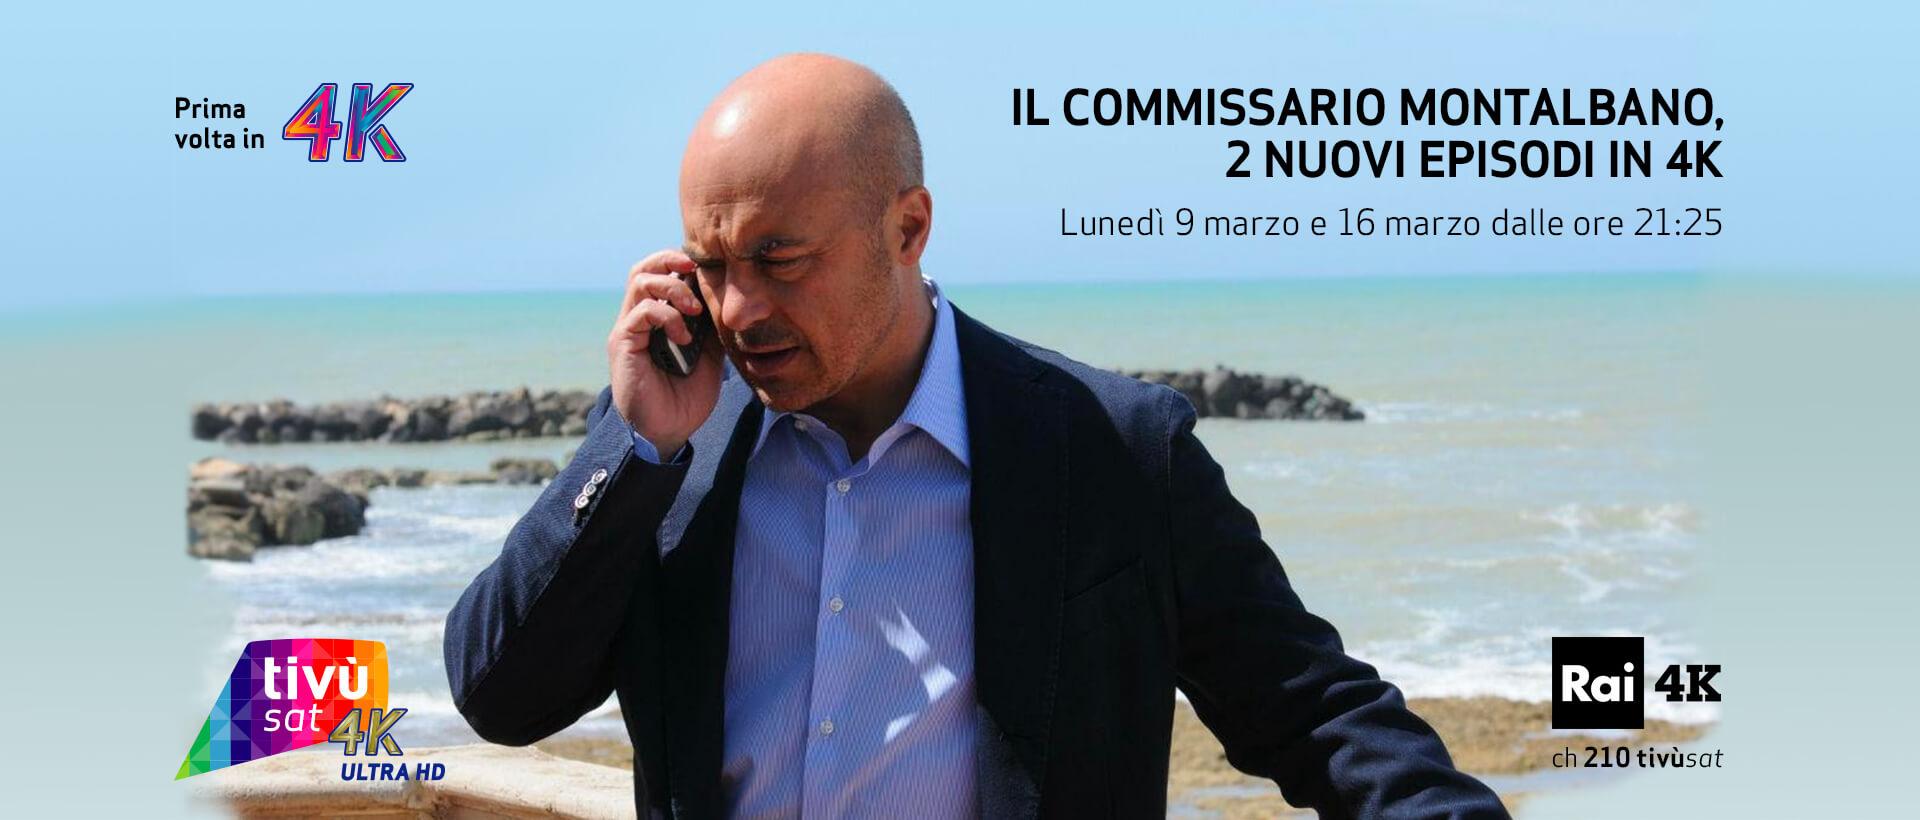 Il Commissario Montalbano, due nuovi episodi su Rai 1 (anche in 4K su Tivùsat)